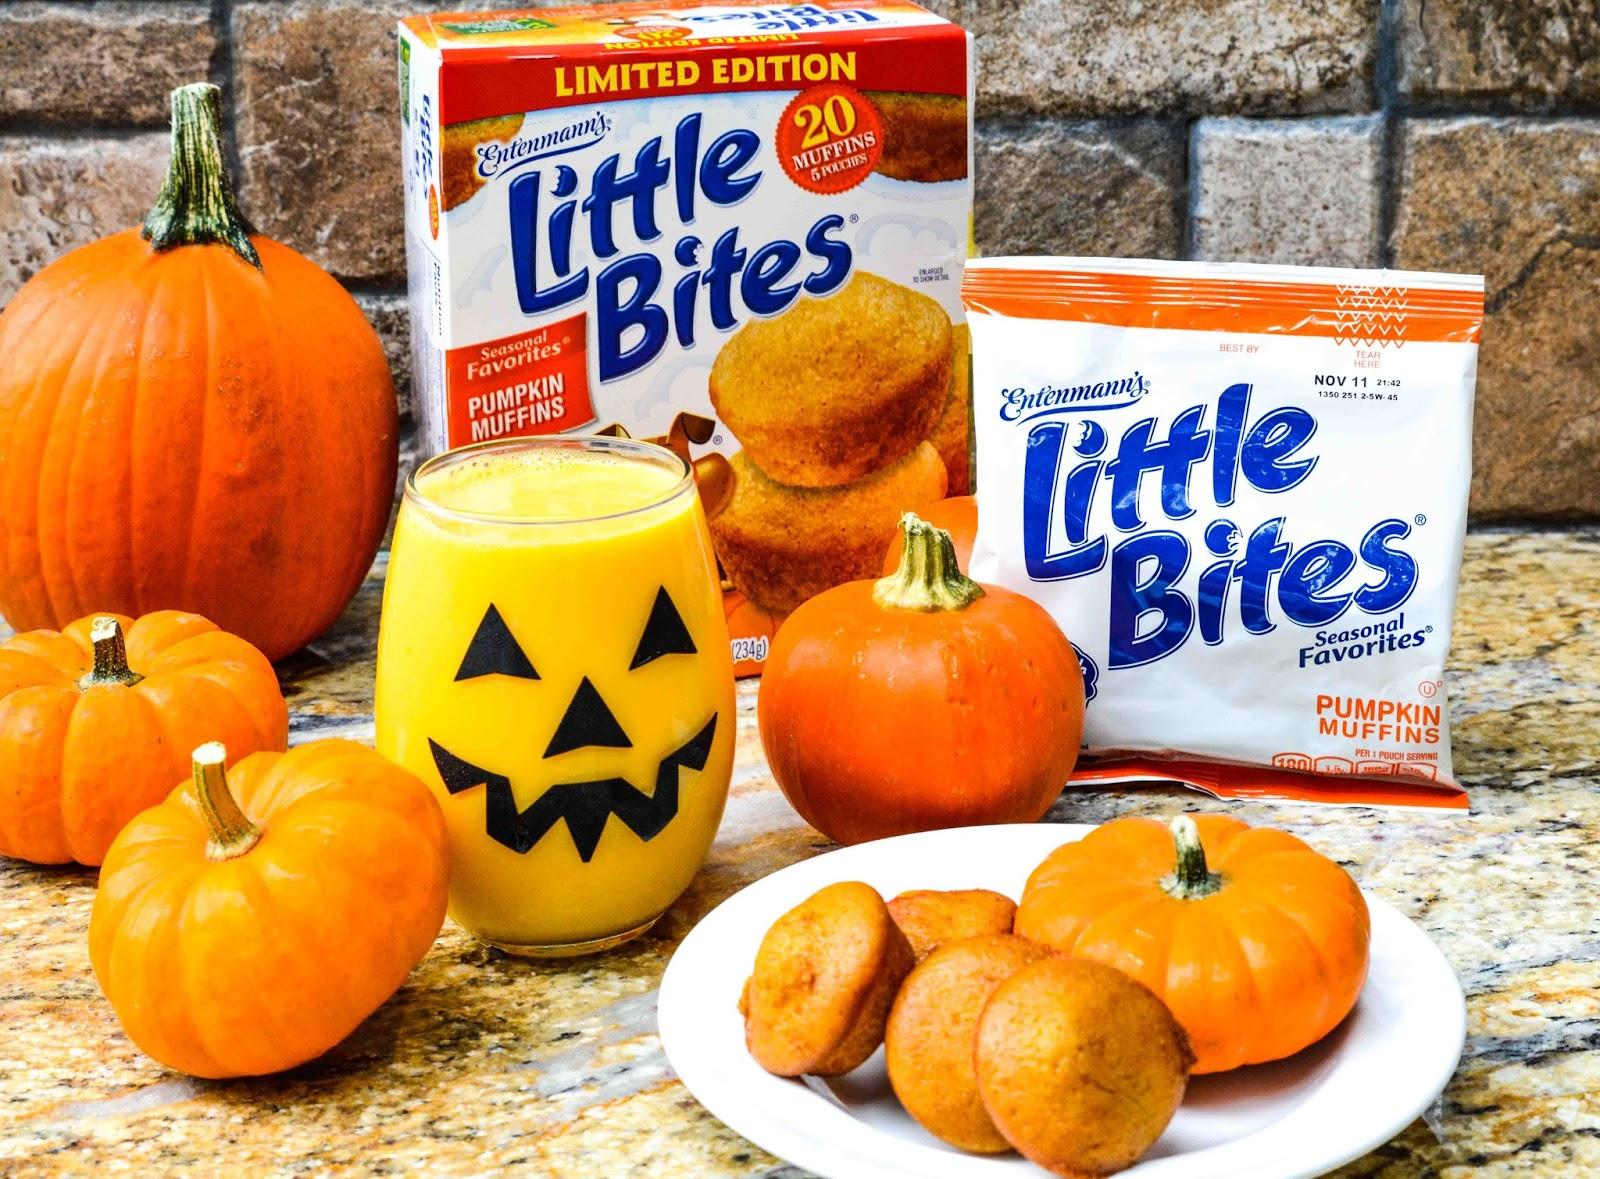 Entenmann's Little Bites Pumpkin Muffins